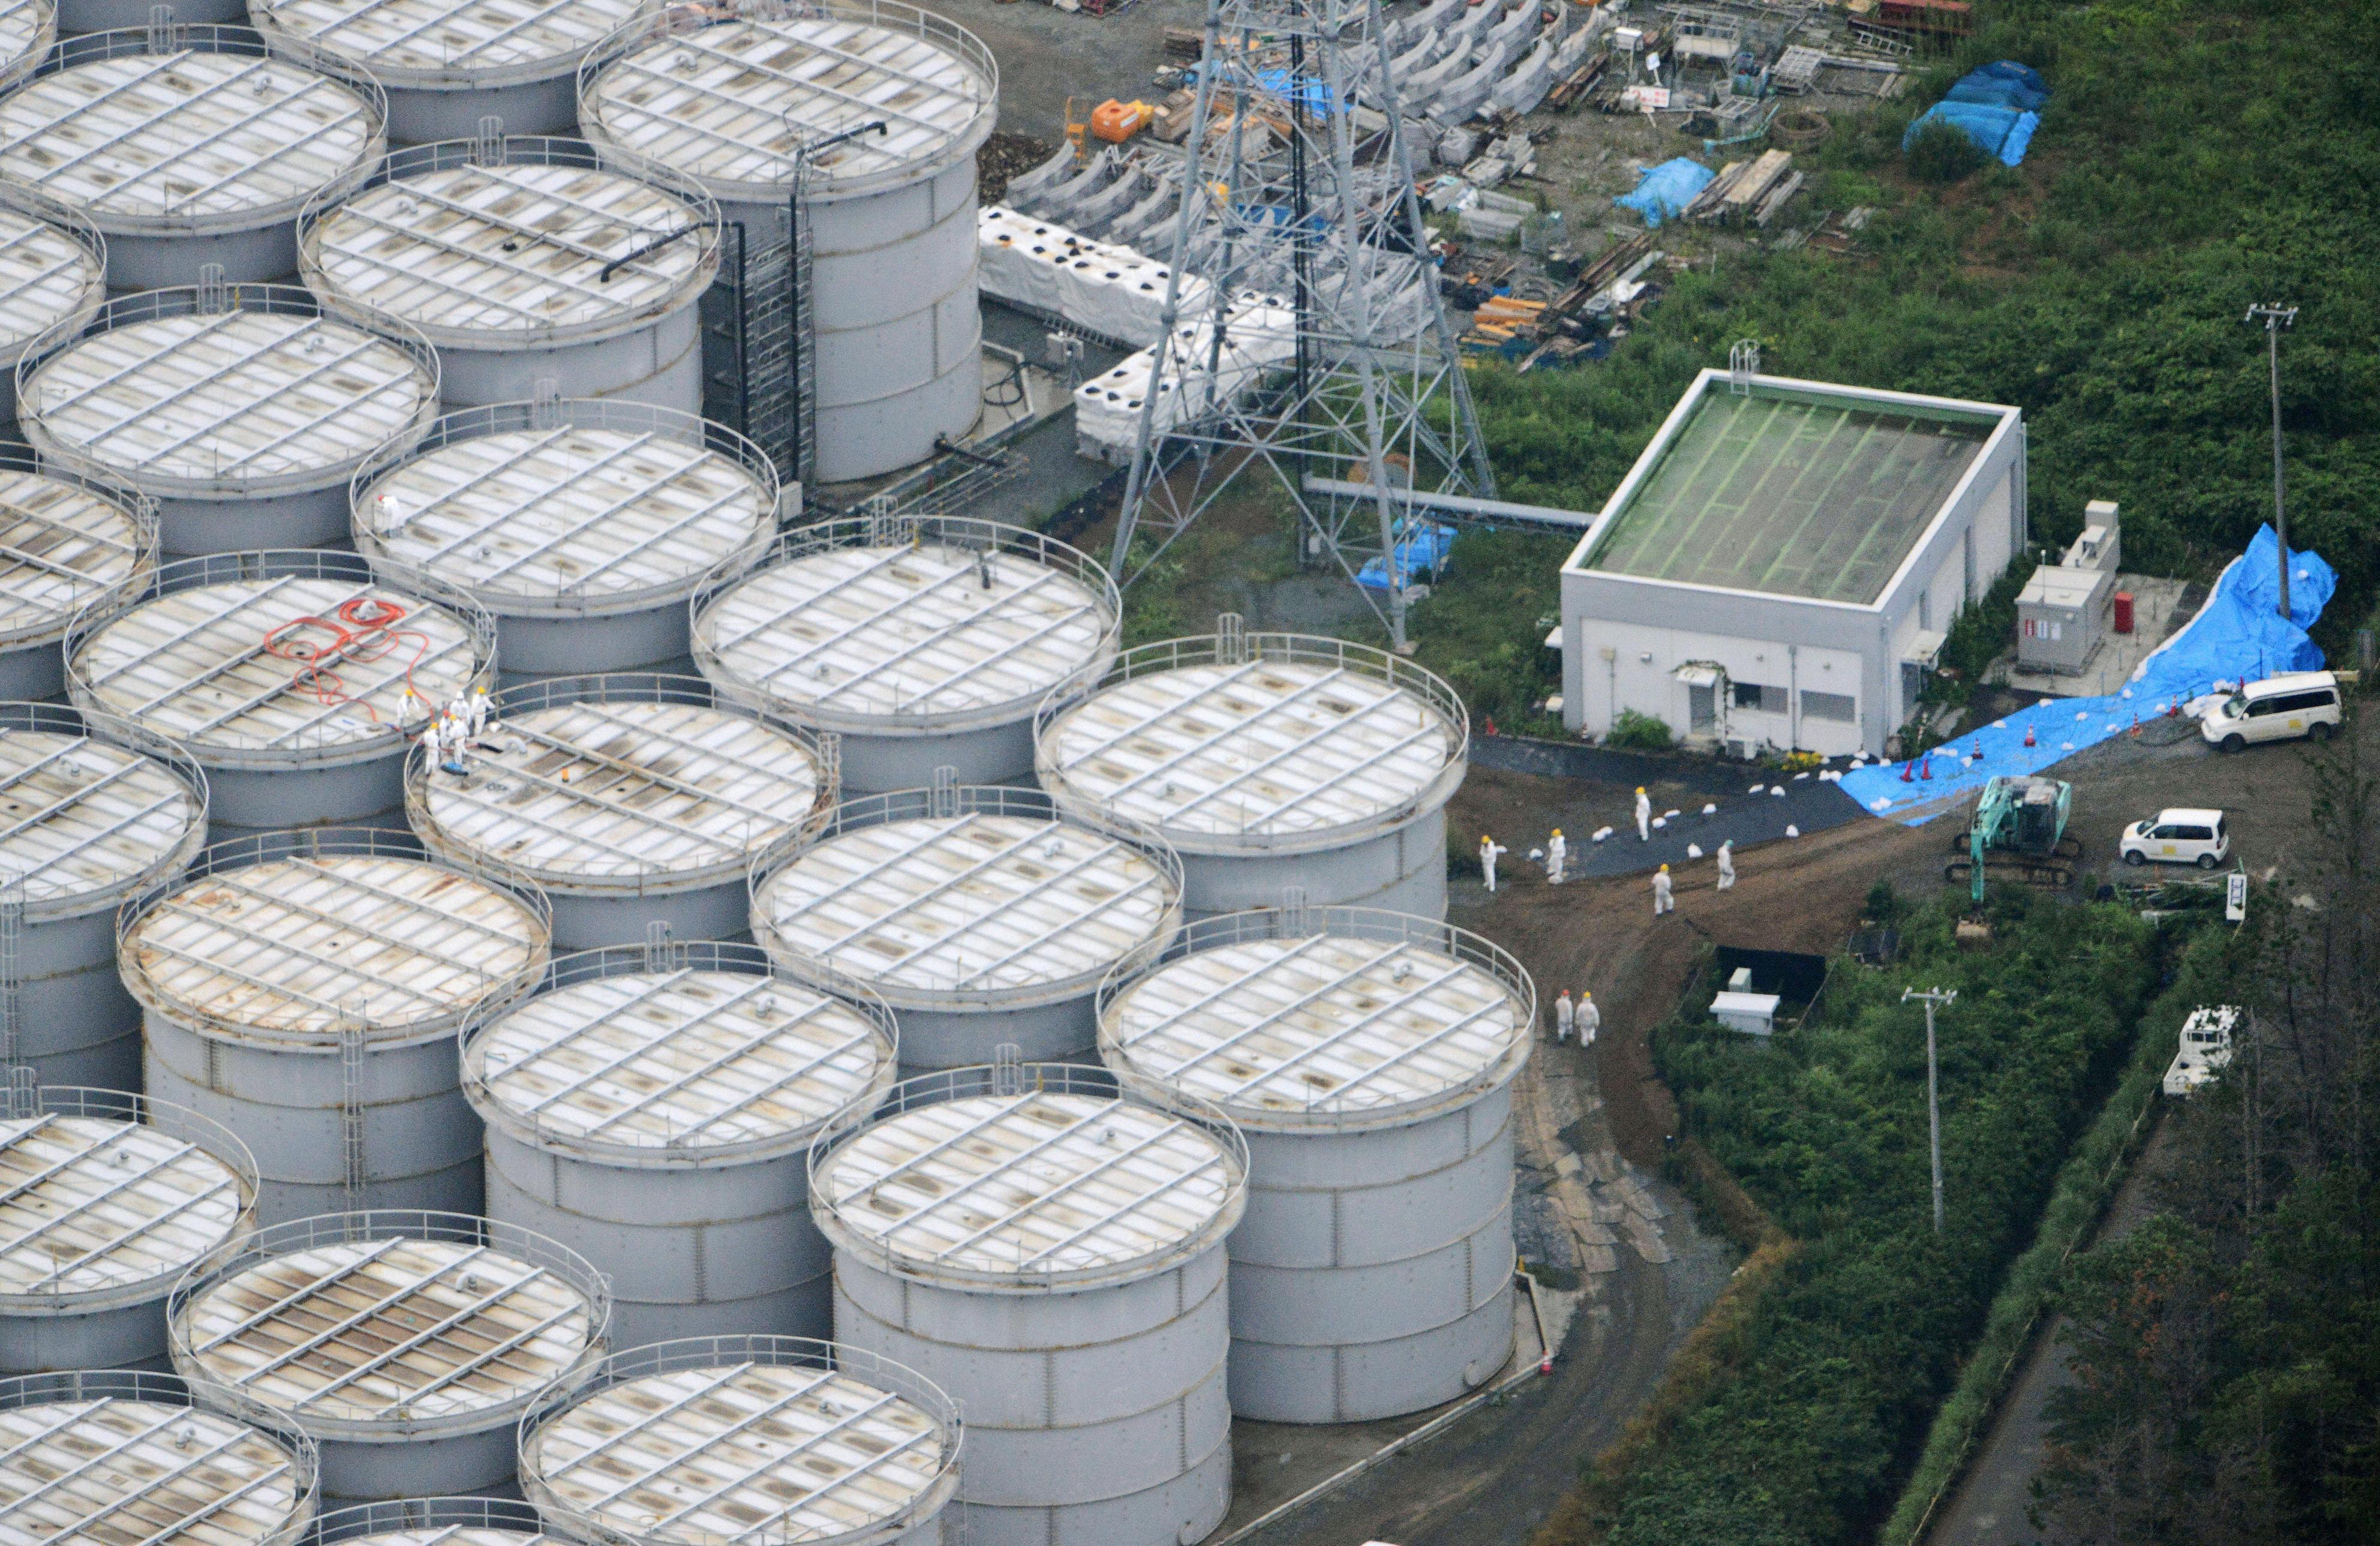 Blick aus einem Hubschrauber auf die undichten Wassertanks auf dem Reaktorgelände in Fukushima: Inzwischen ist so viel radioaktiv verseuchtes Wasser in den Pazifik geflossen, dass sich eine radioaktive Wasserblase gebildet hat, die im März 2014 die Westküste der USA erreichen wird.